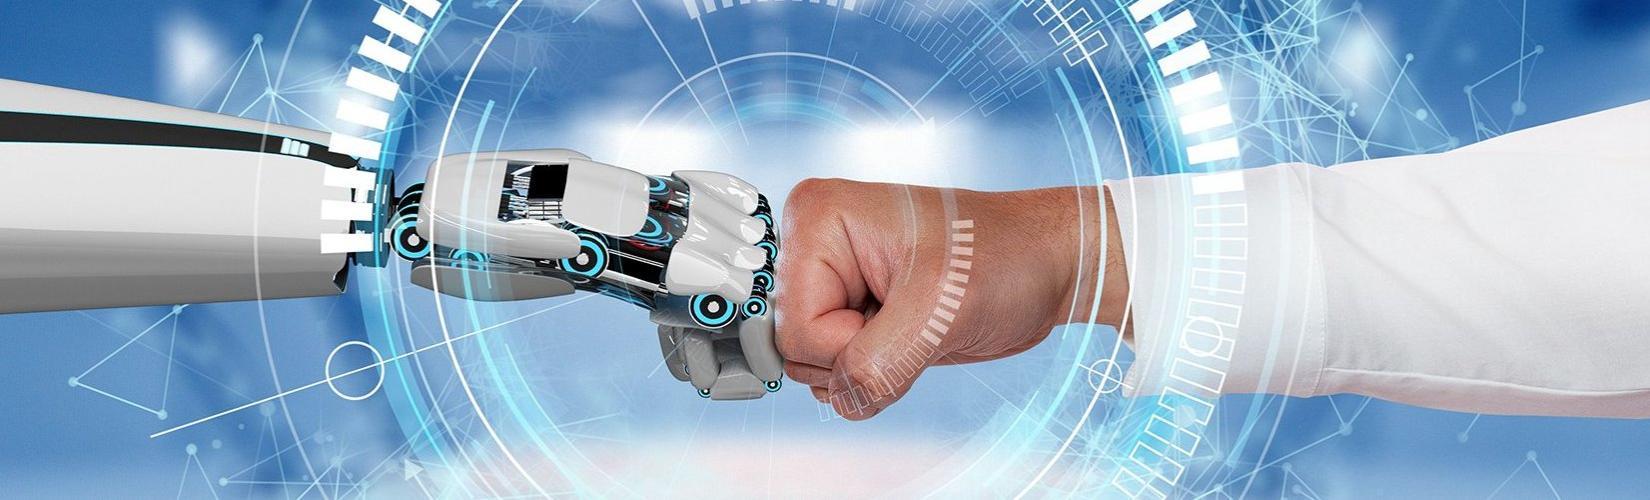 Zusammenarbeit Mensch und Roboter